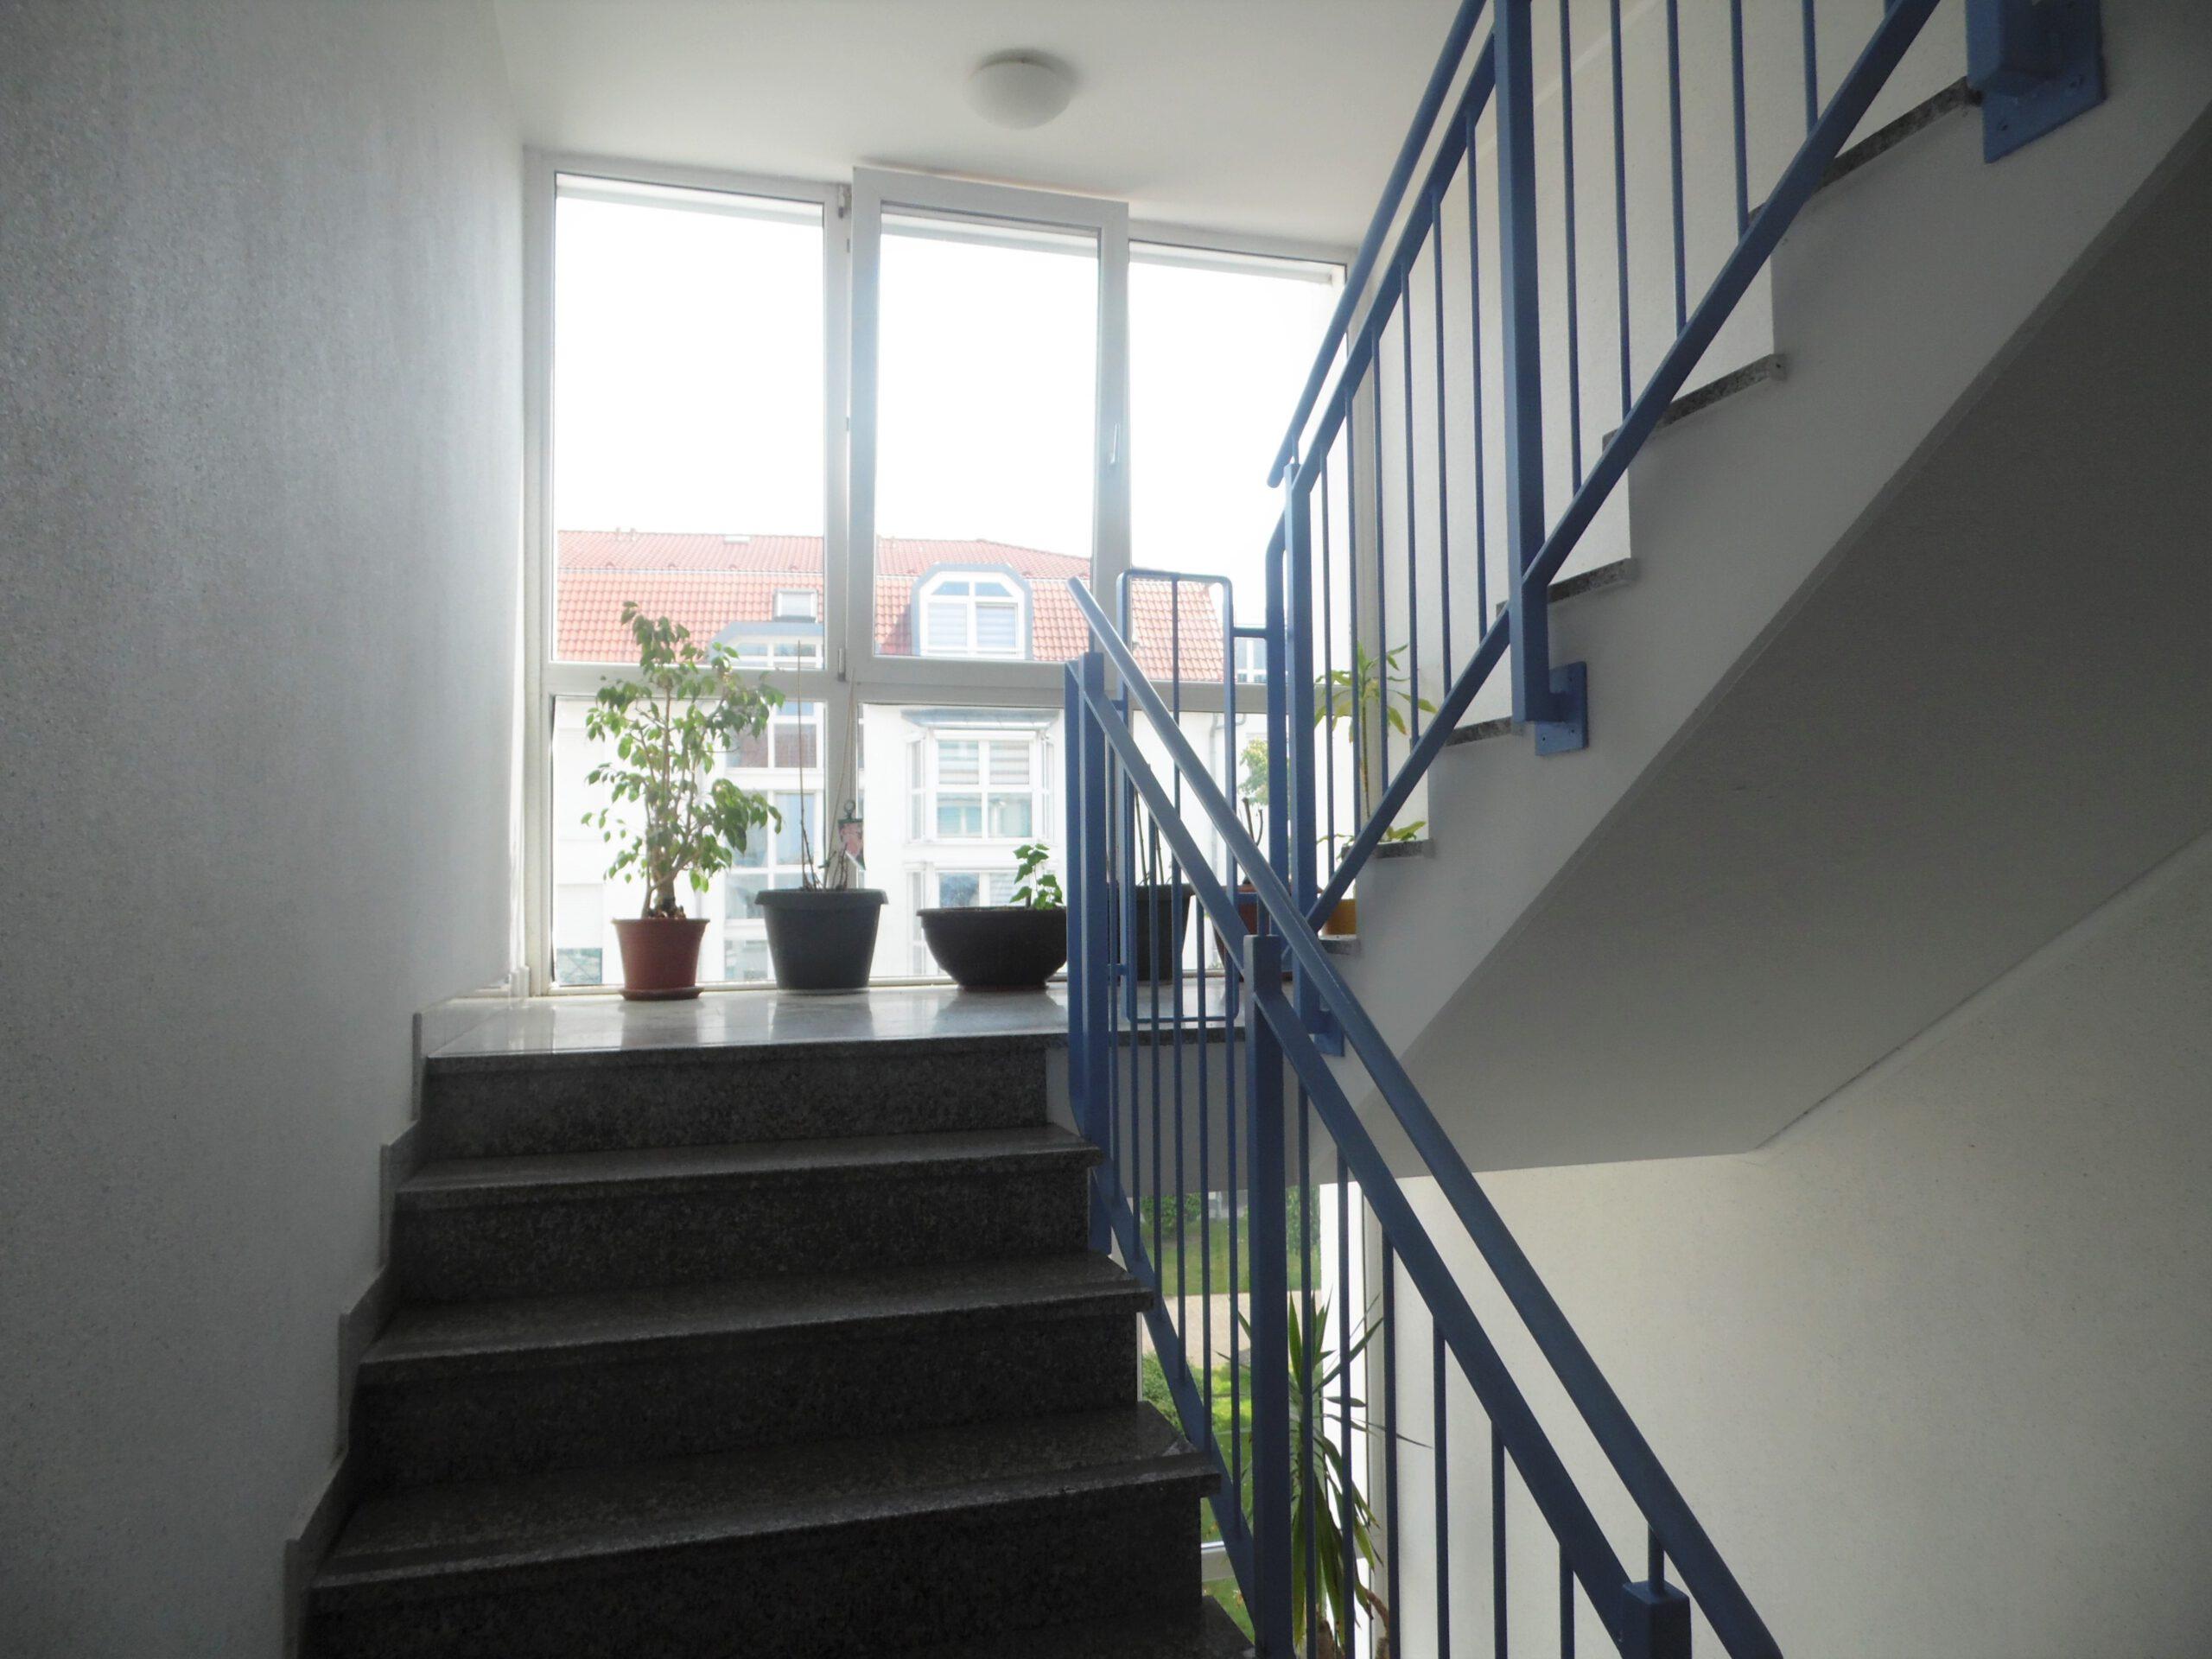 Eigentumswohnung Diemitz - helles Treppenhaus